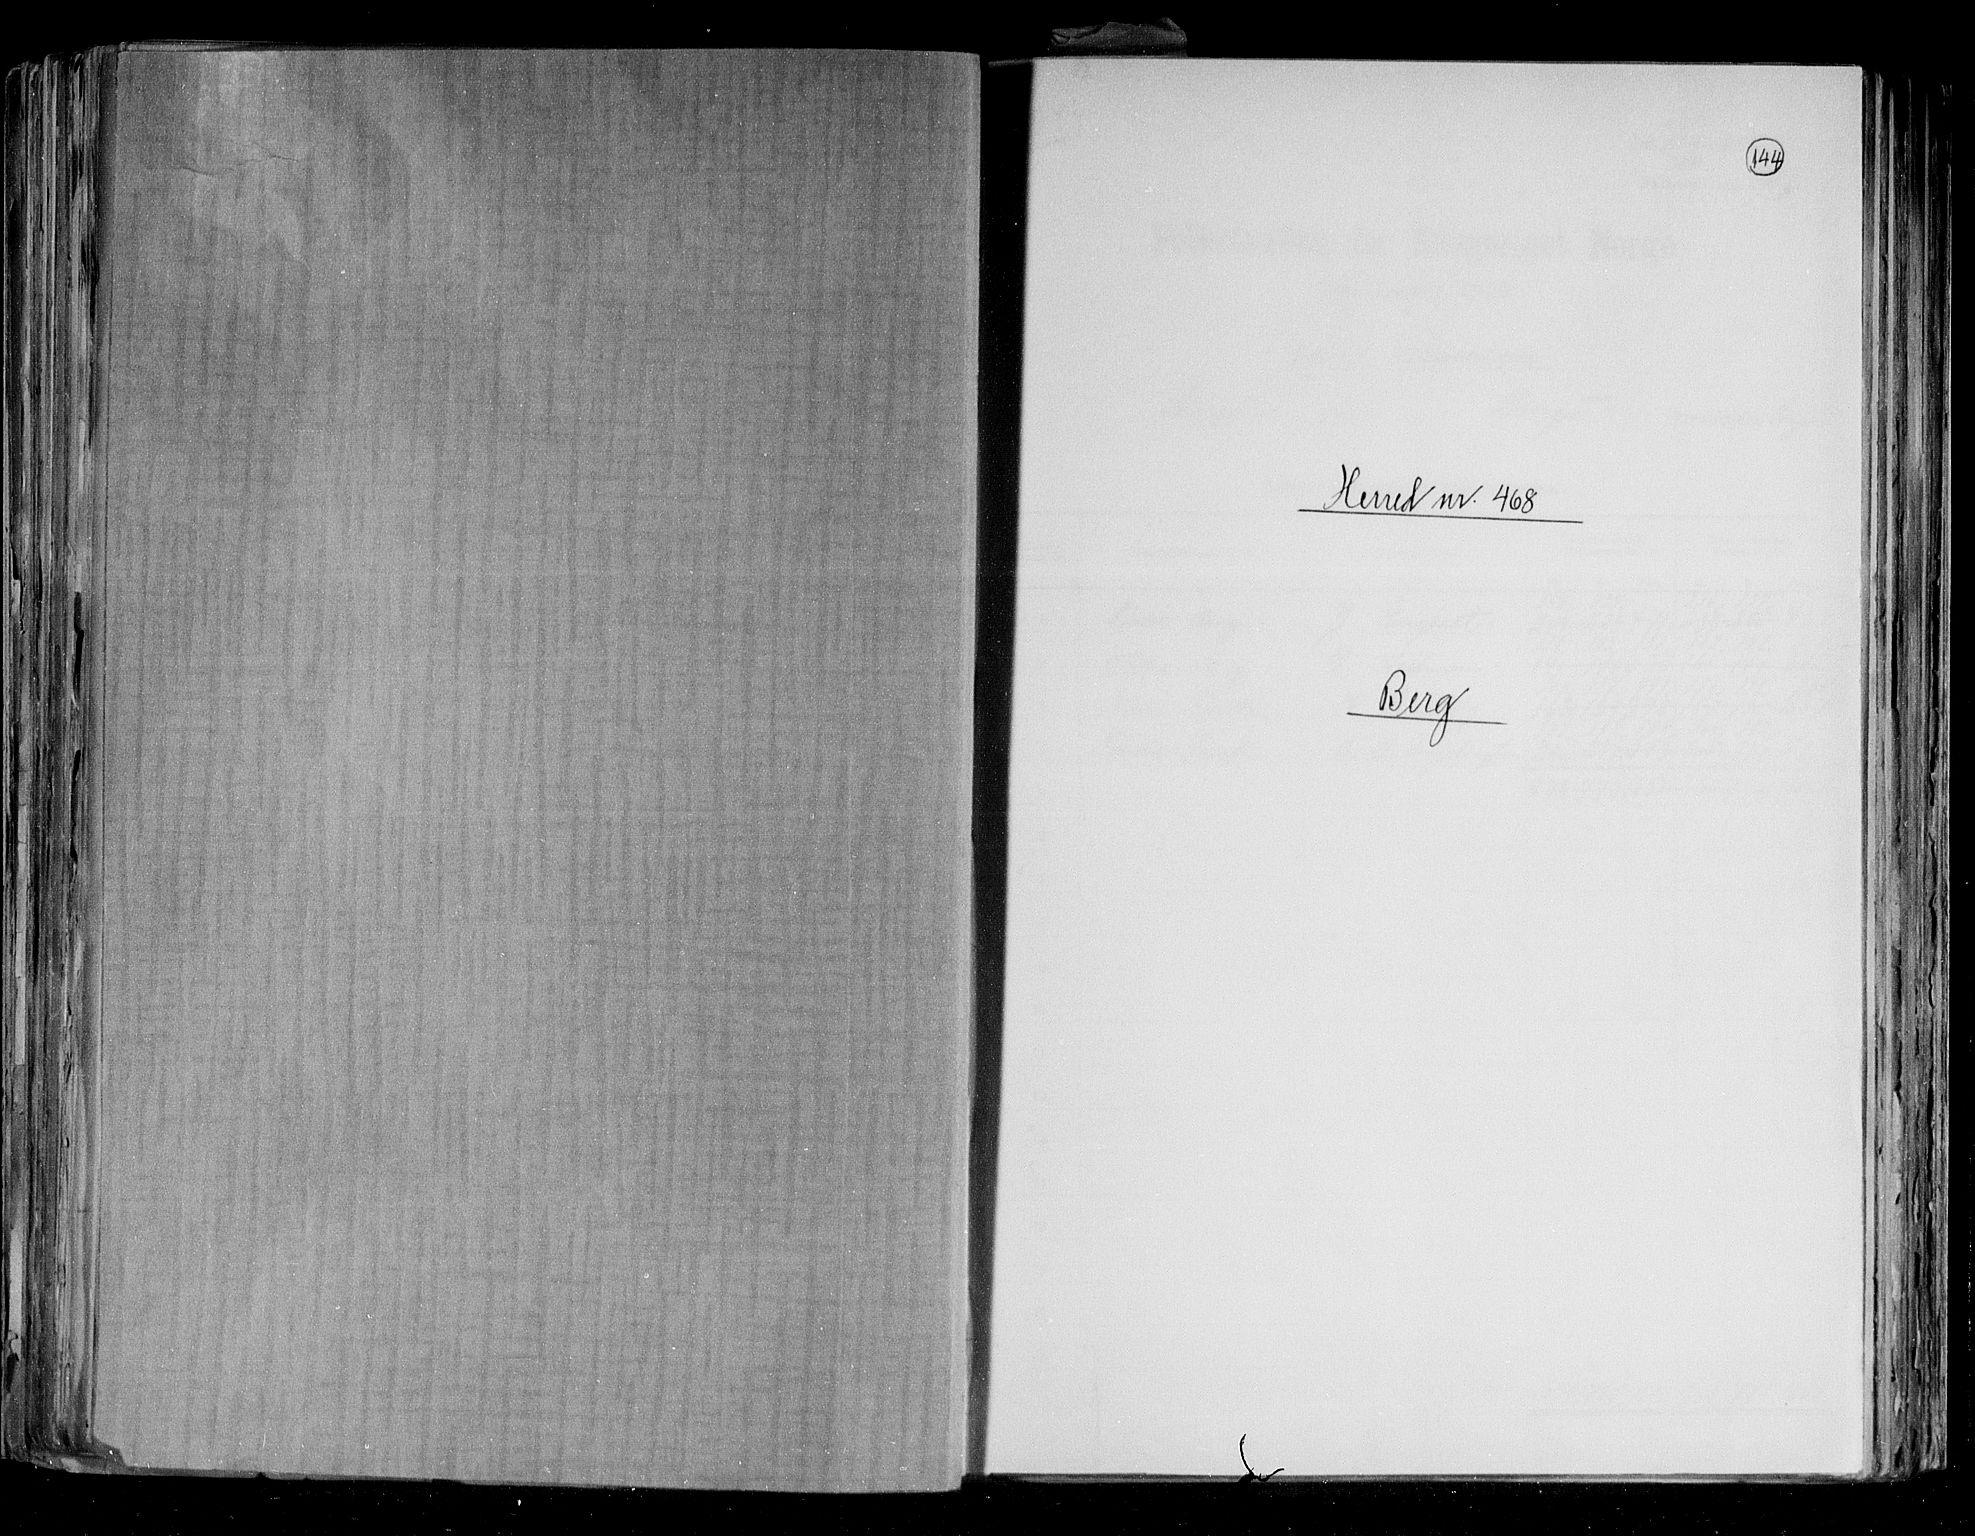 RA, Folketelling 1891 for 1929 Berg herred, 1891, s. 1